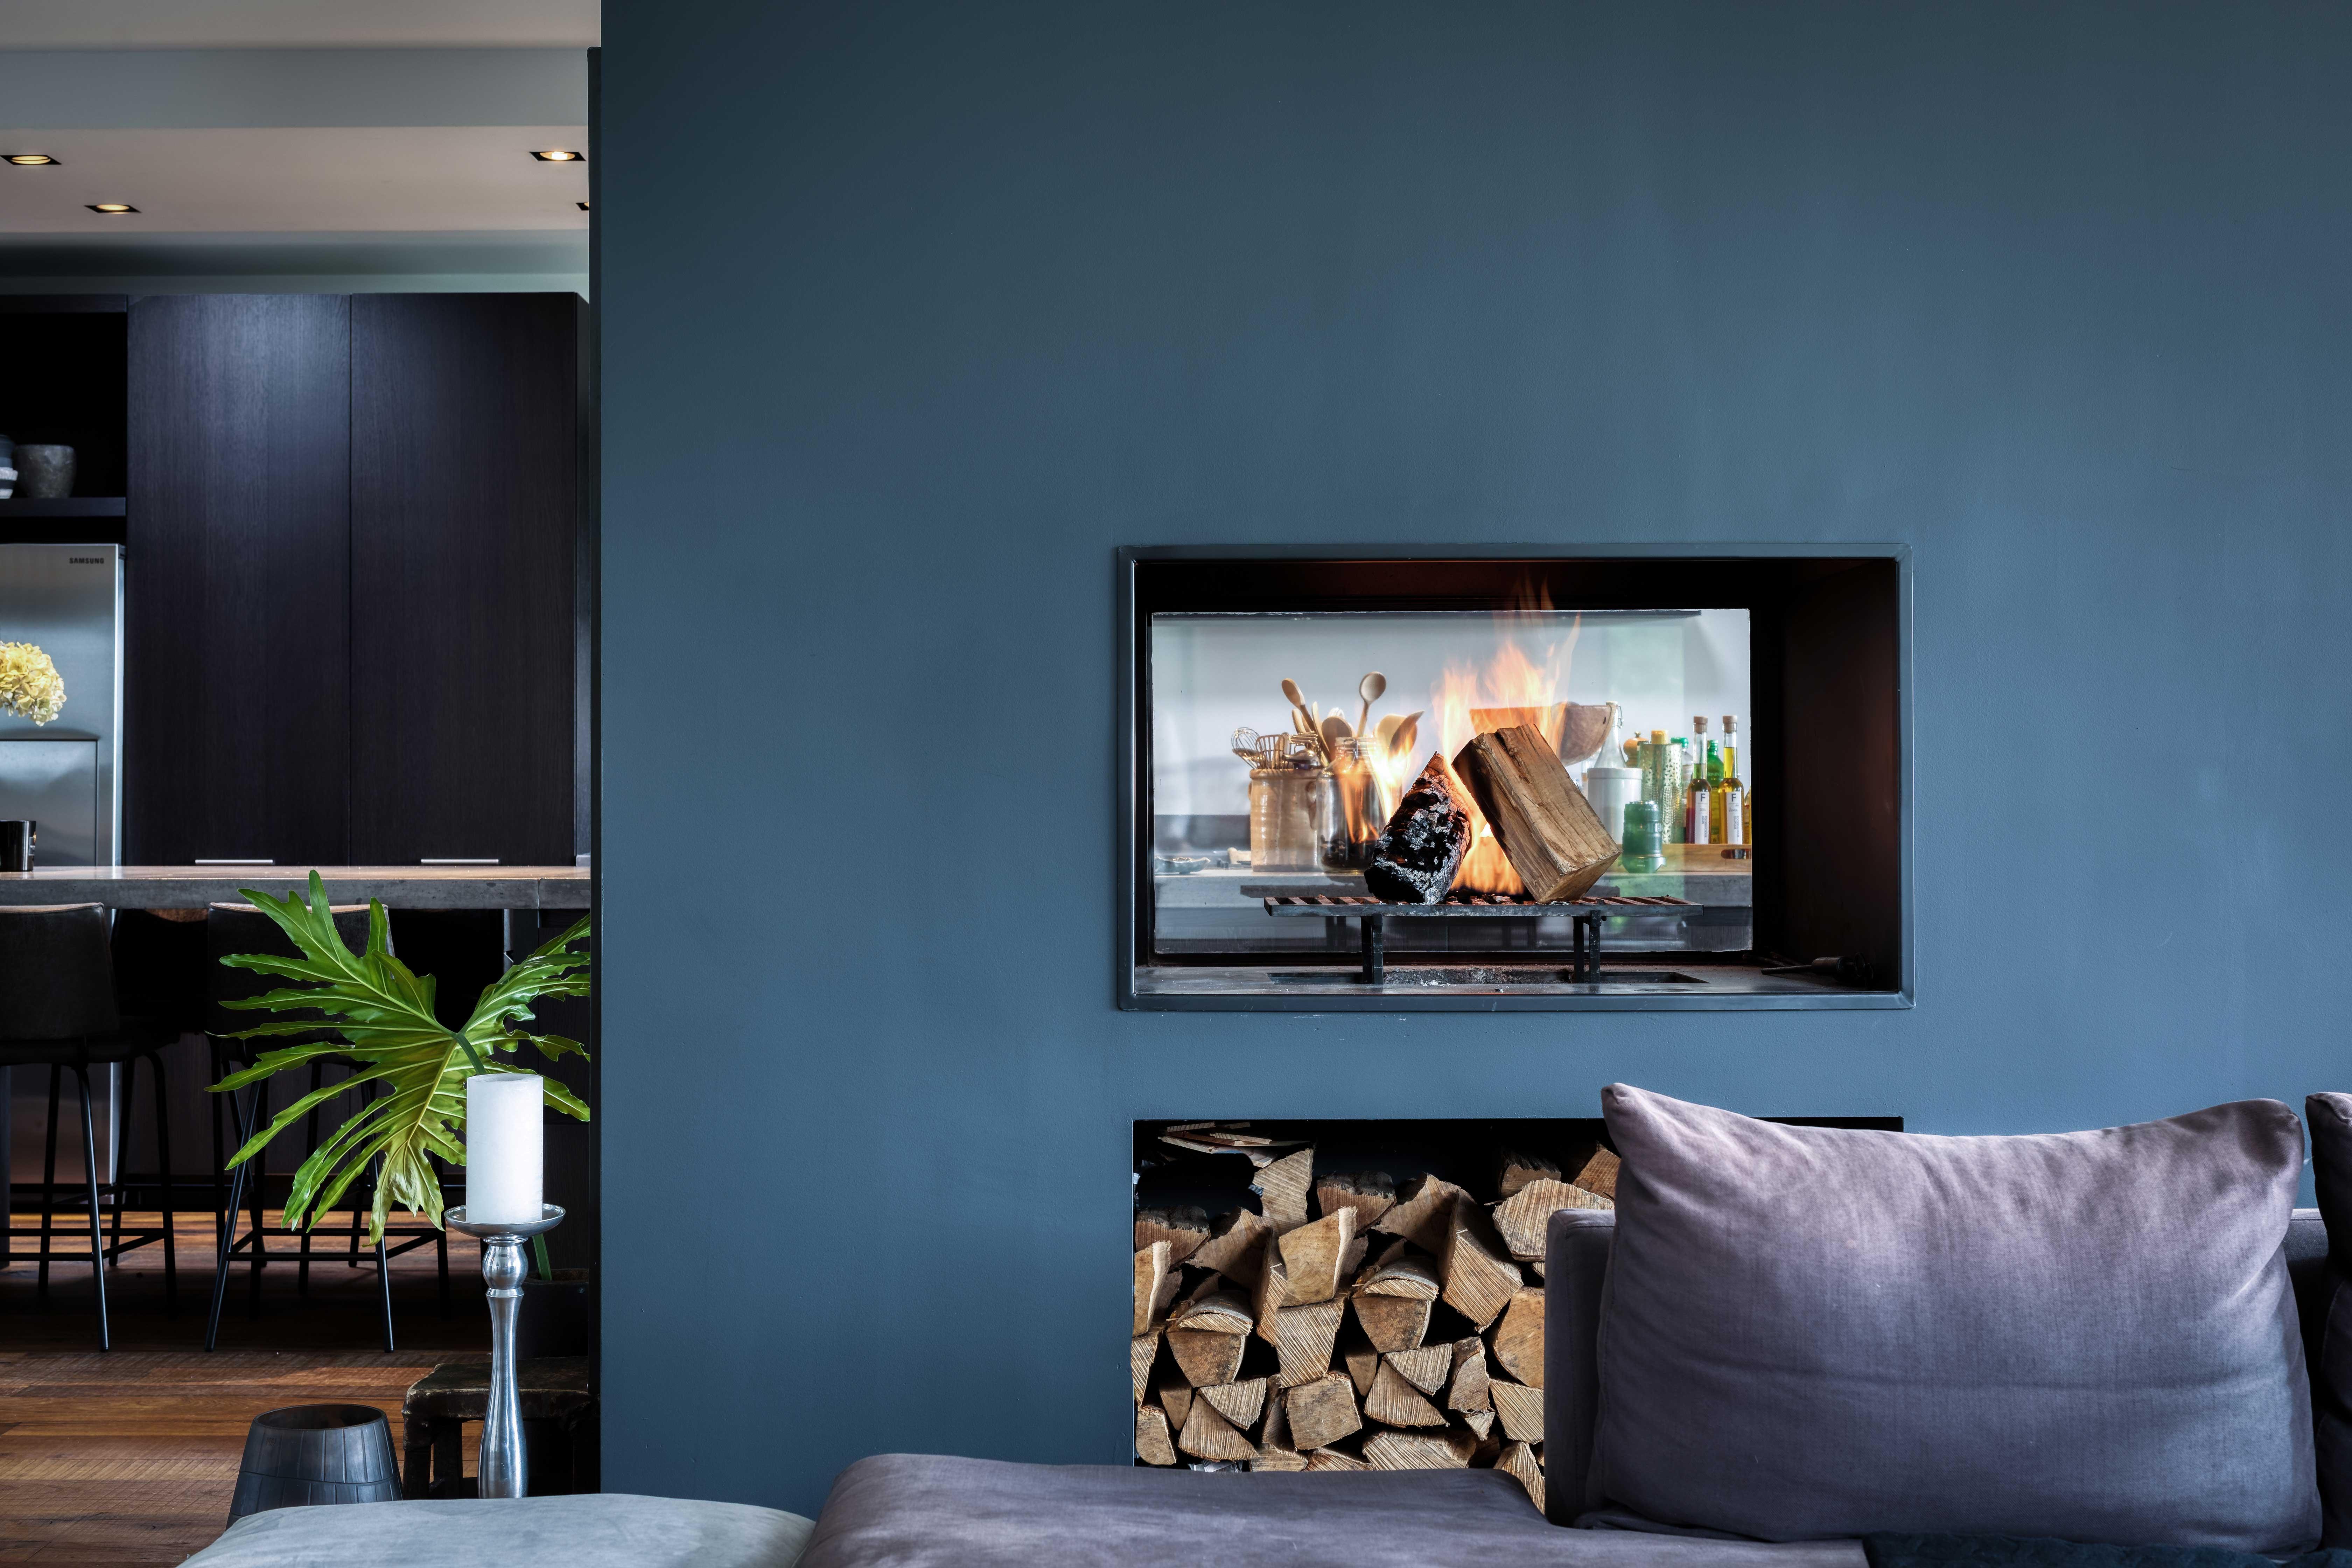 Maxim Winkelaar Architecten uit Amsterdam heeft een moderne nieuwbouwvilla aan het water van de Vinkeveense Plassen ontworpen en gebouwd. Prachtige doorkijk haard tussen keuken en woonkamer.